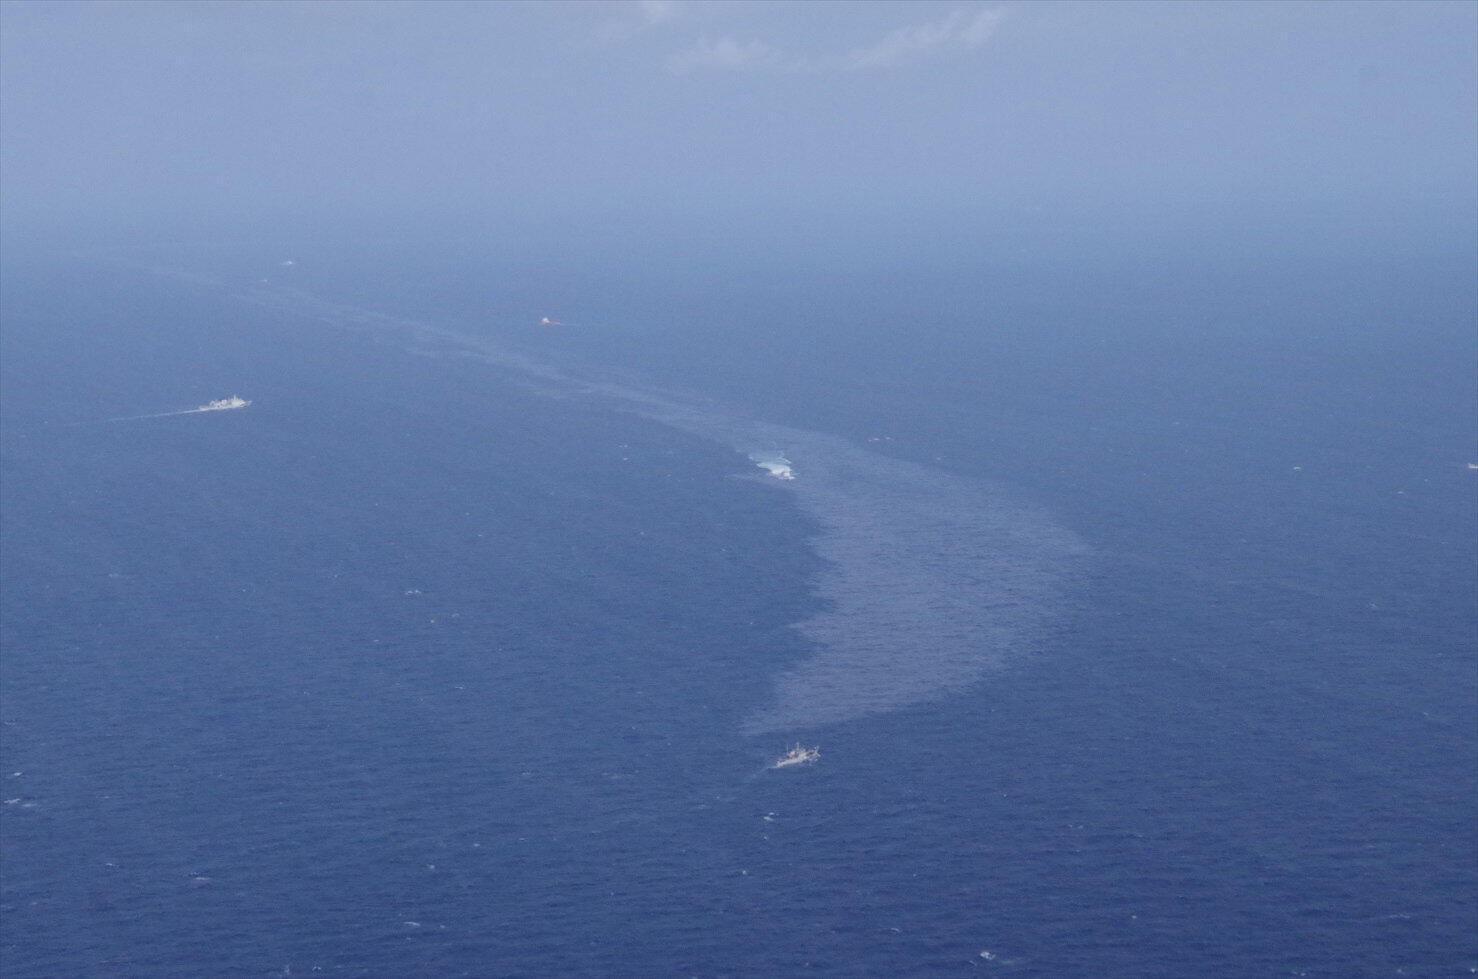 Le pétrole contenu dans le Sanchi se répand désormais dans l'eau. Mer de Chine orientale, le 16 janvier 2018.